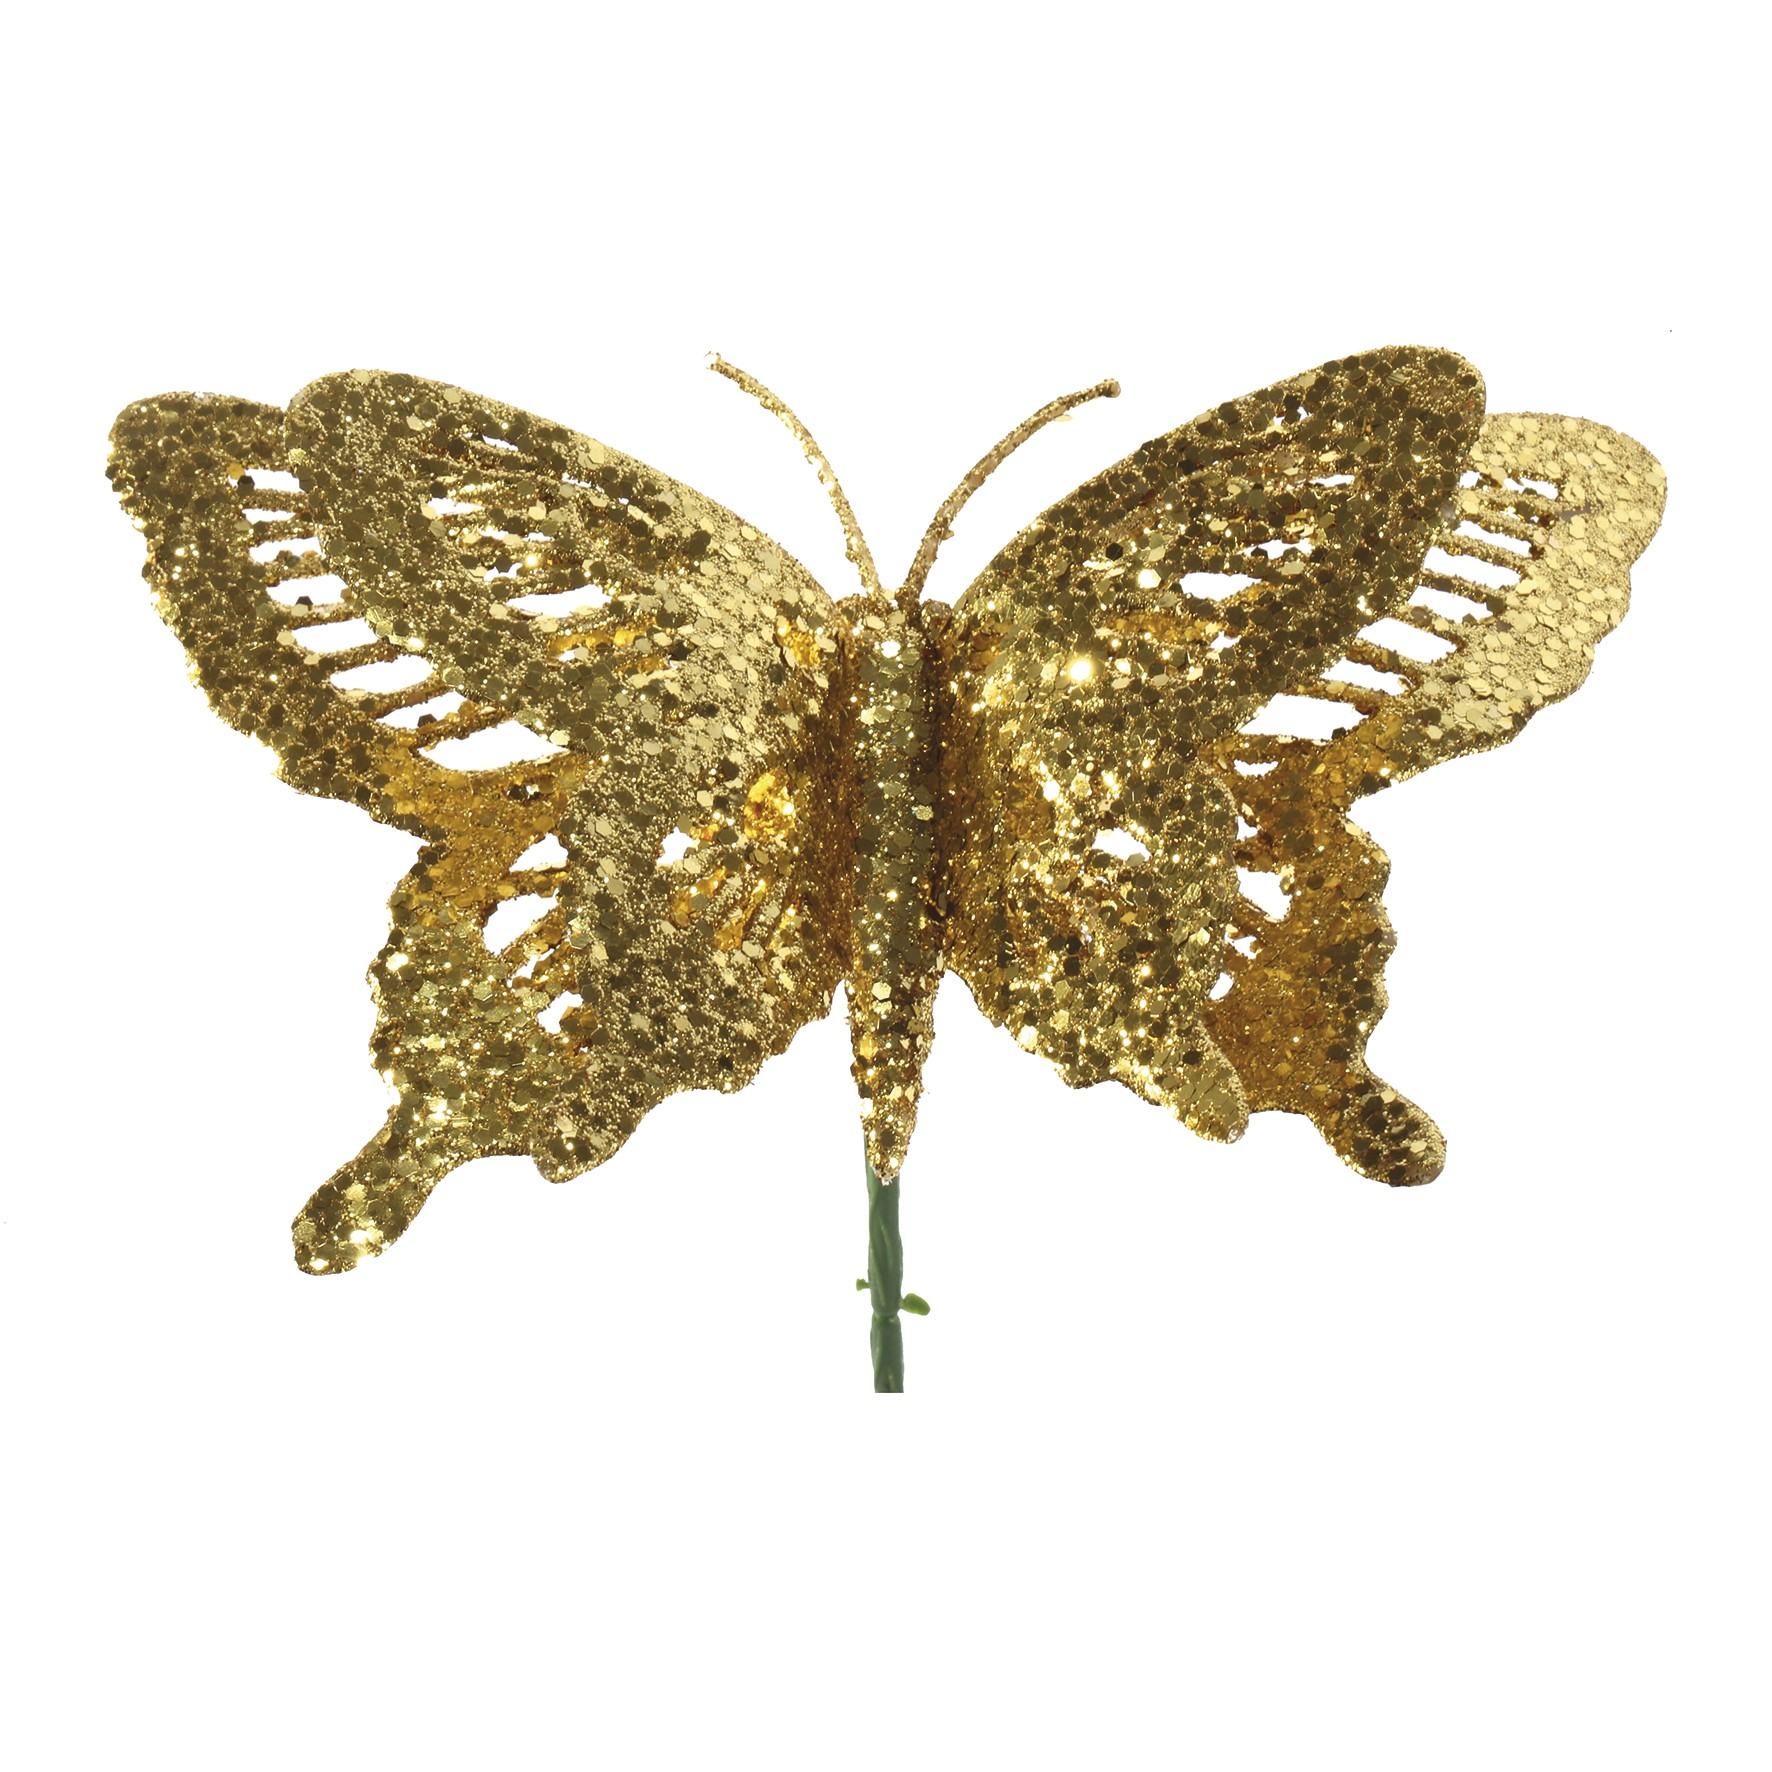 Enfeite Natalino Borboleta 23 cm Dourada - 20206 - Yangzi